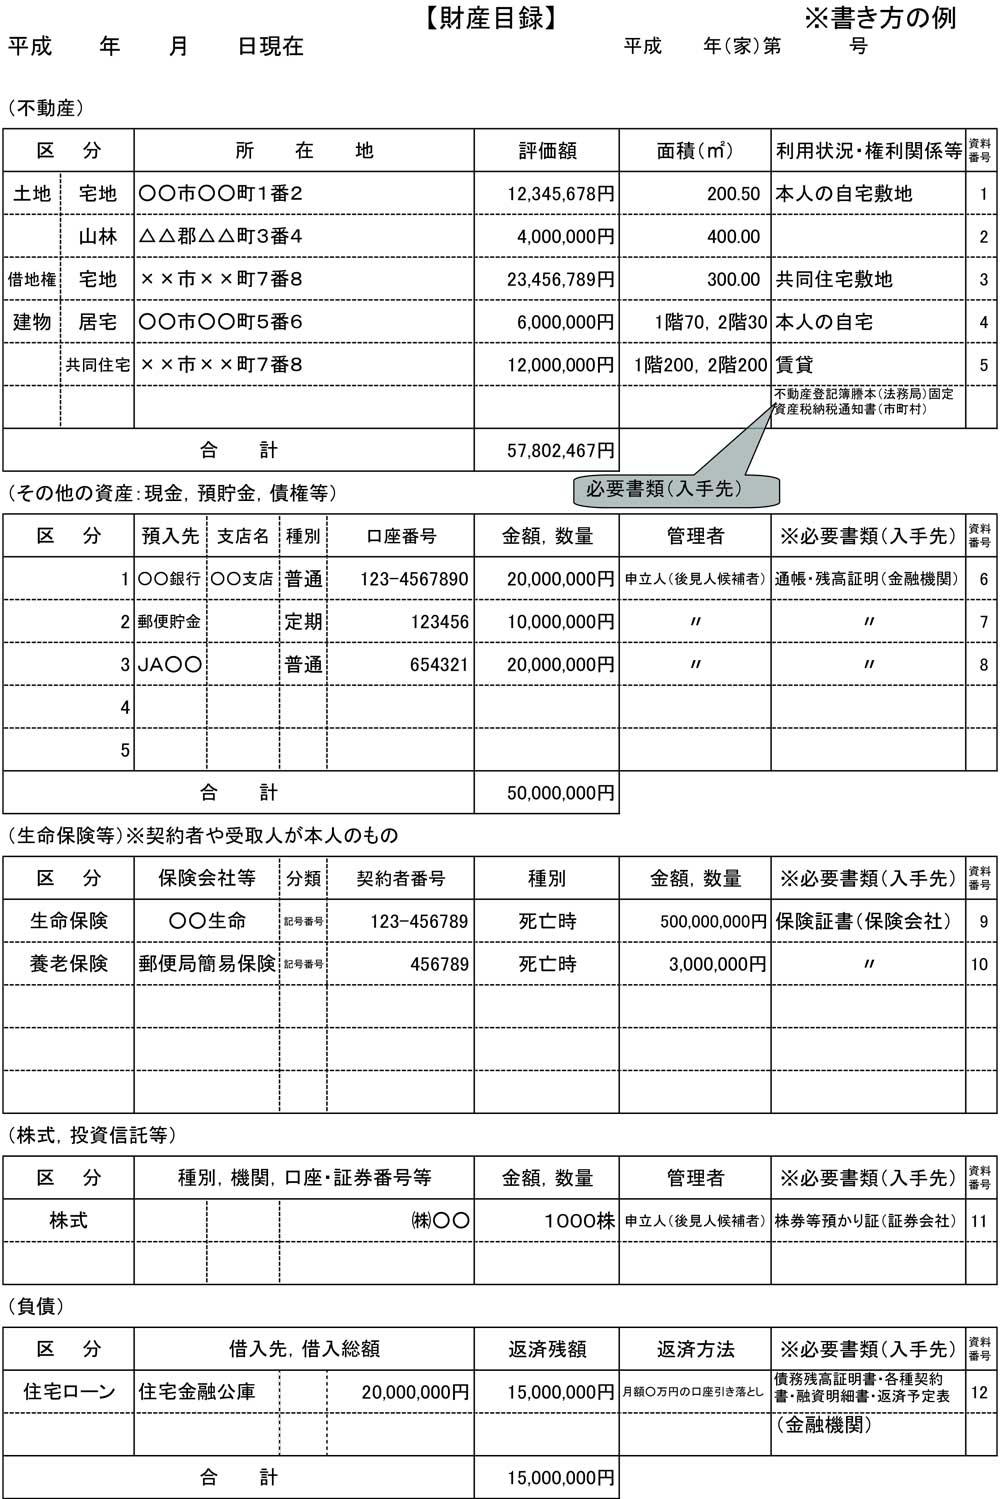 財産目録(記入例)